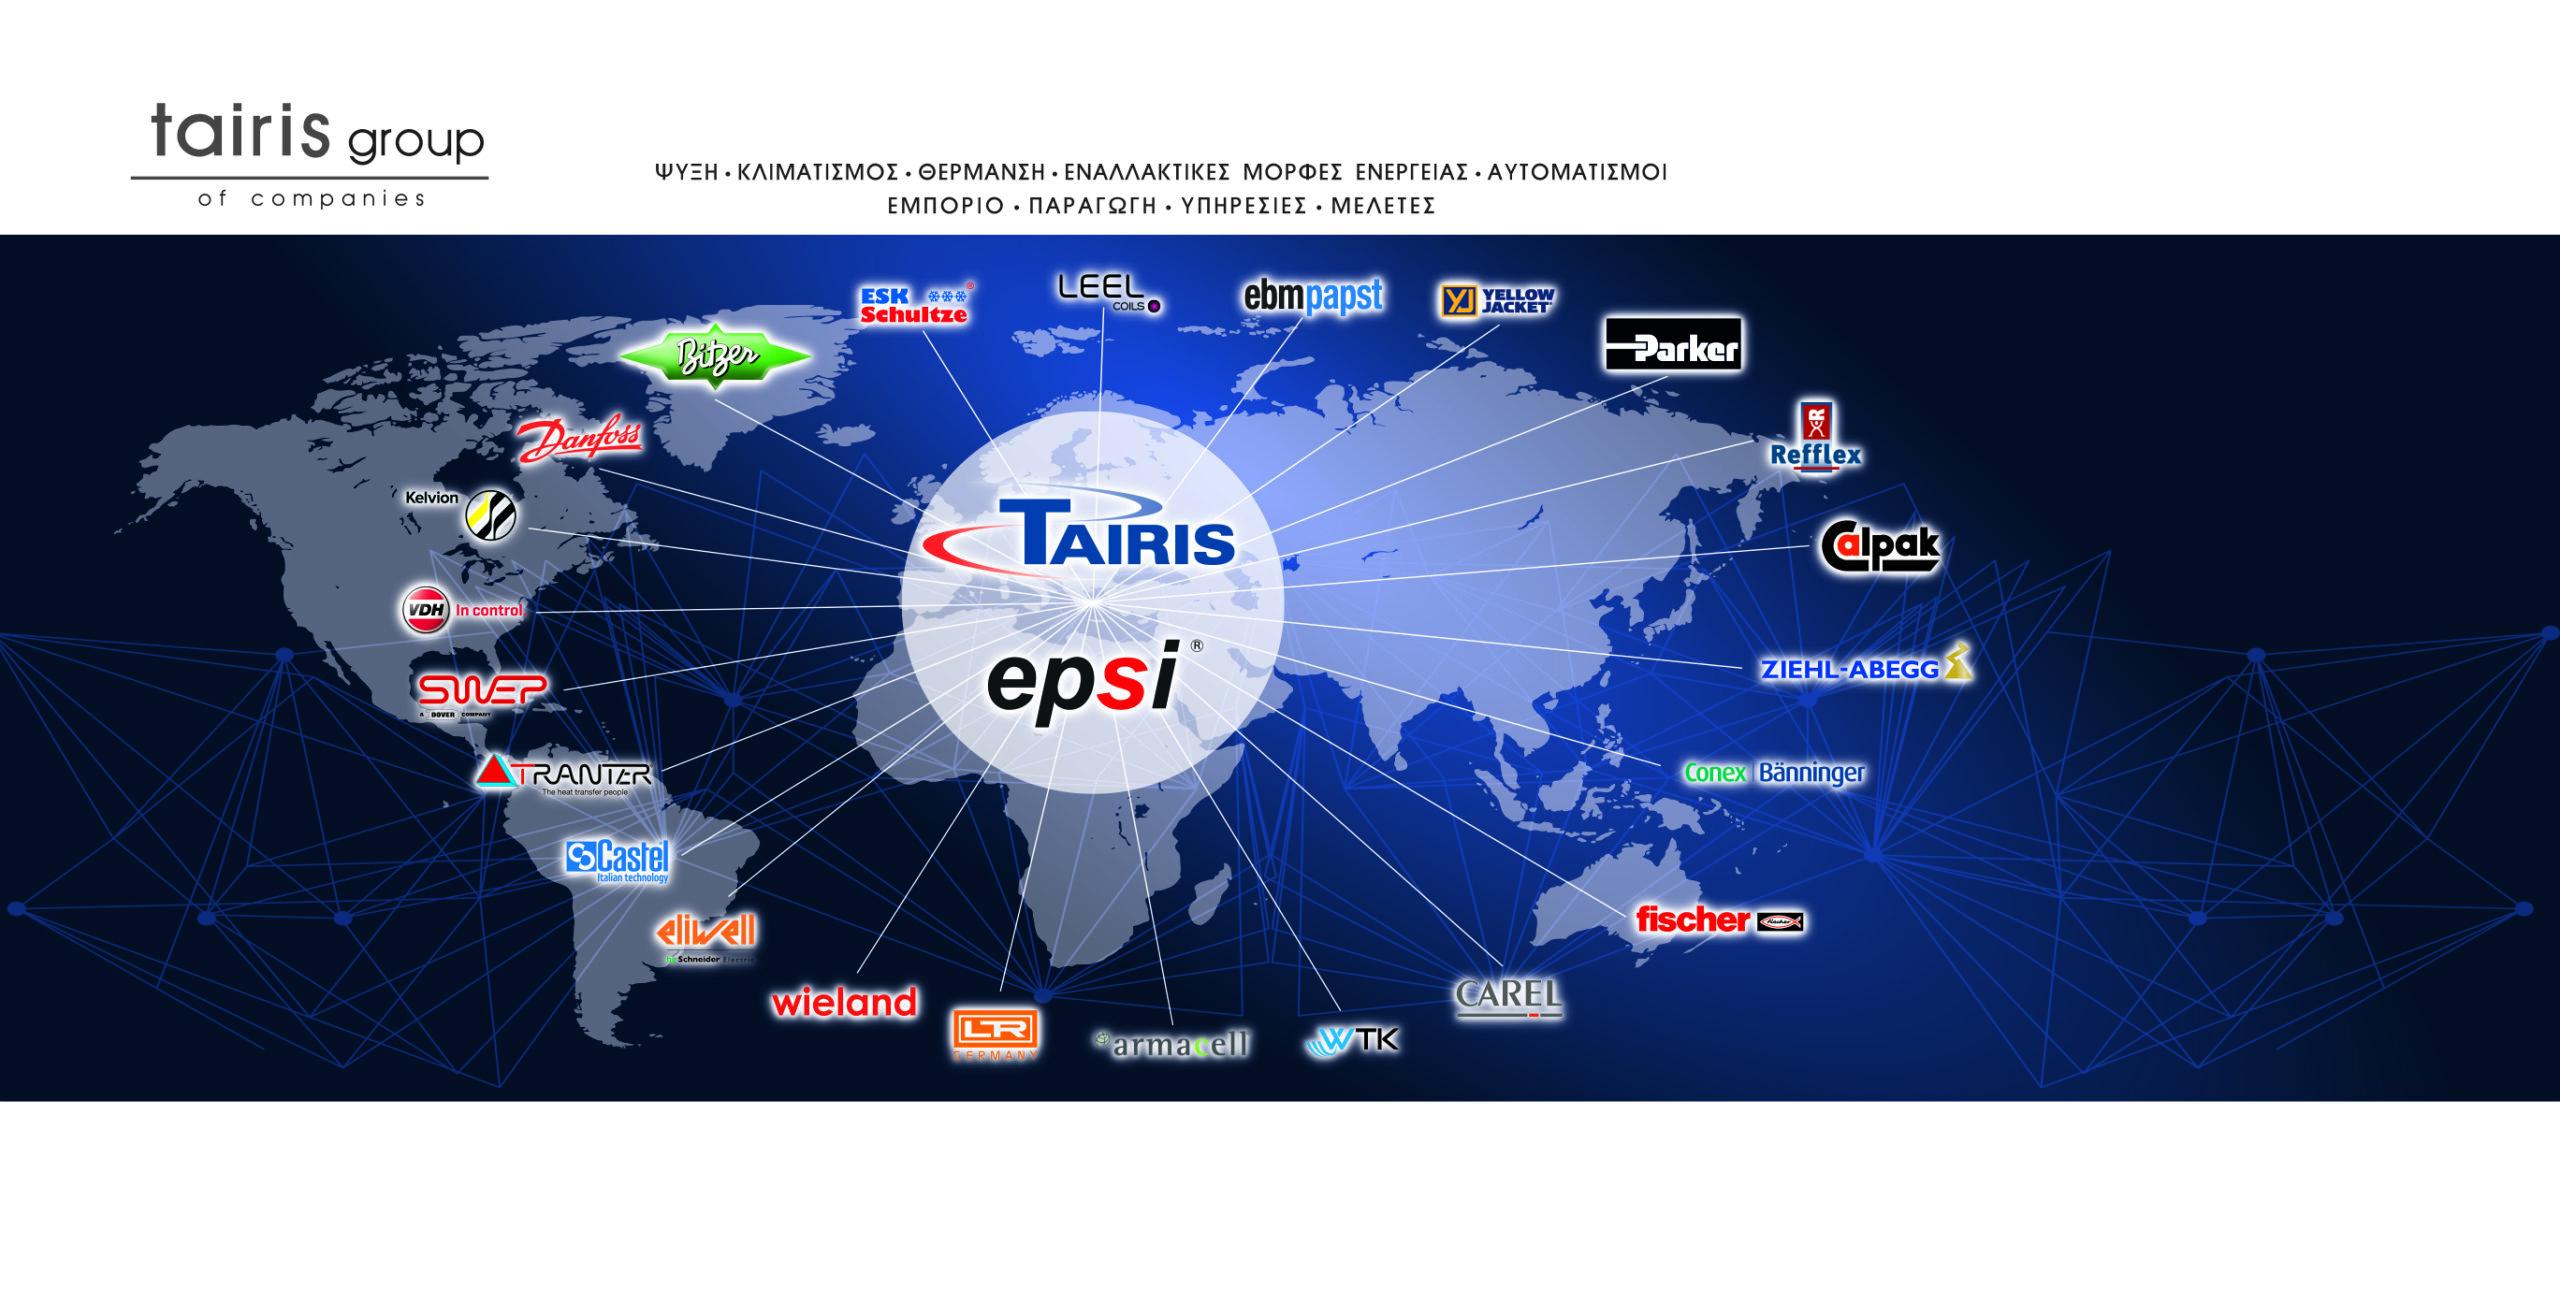 tairis_epsi_poster